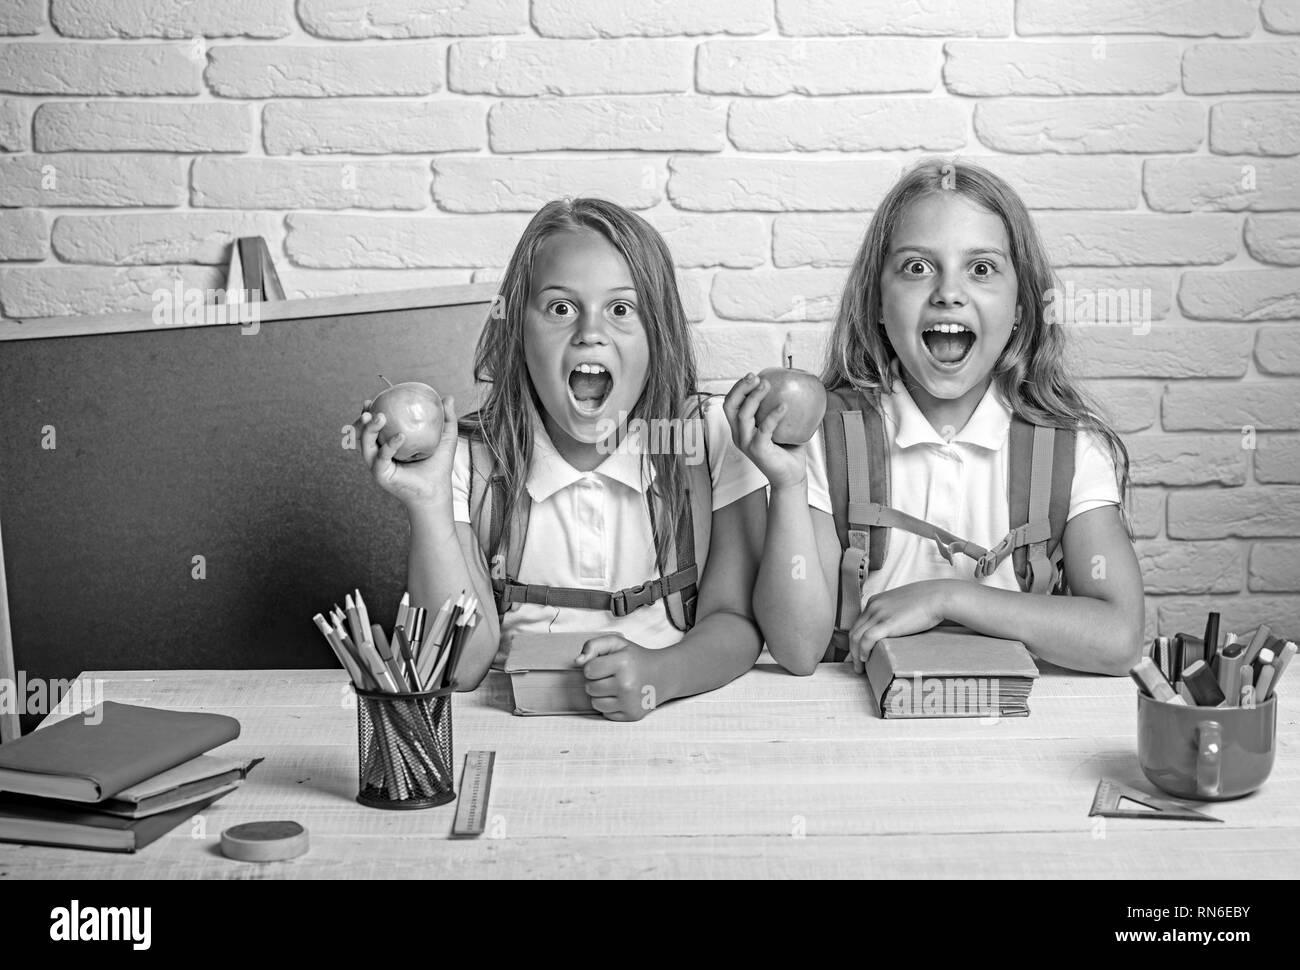 Felices los niños en edad escolar en la lección 1 de septiembre. Las niñas comen manzana en el almuerzo. El horario escolar de las niñas. La amistad de las pequeñas hermanas de aula en Imagen De Stock